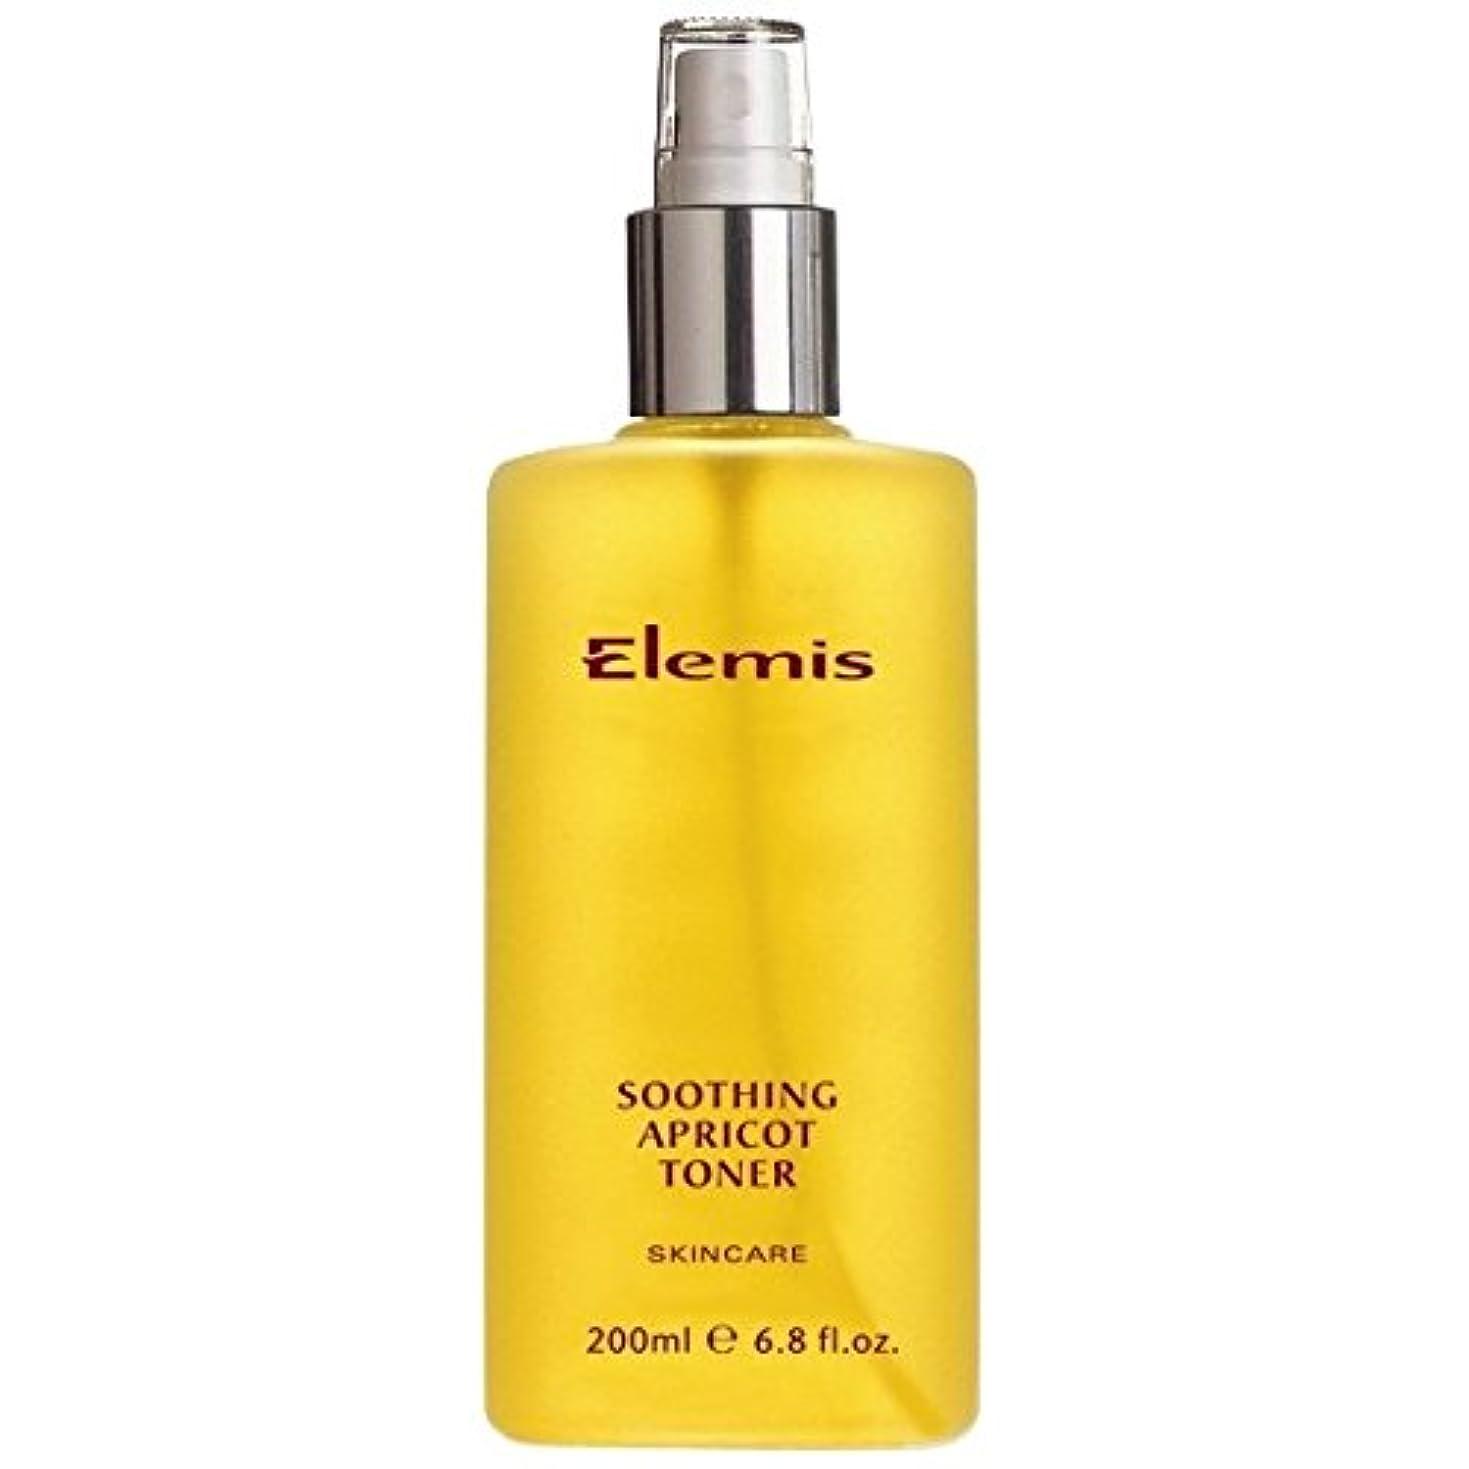 完璧アレキサンダーグラハムベルかろうじてエレミスはなだめるようなアプリコットトナーをスキンケア (Elemis) (x6) - Elemis Skincare Soothing Apricot Toner (Pack of 6) [並行輸入品]